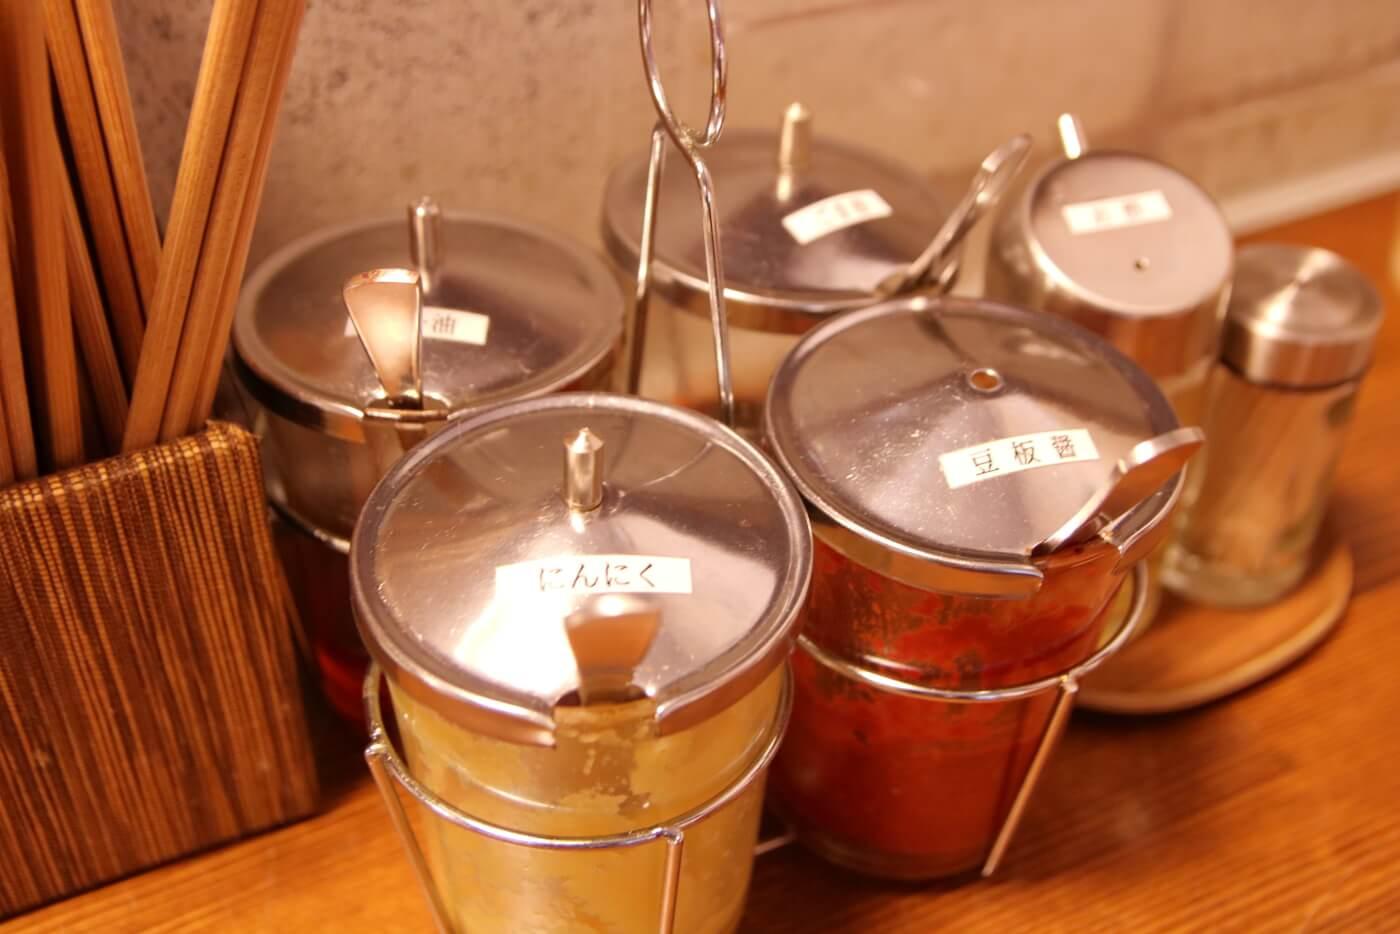 高知市一宮のラーメン店 和へる(あえる) 卓上に置かれた調味料